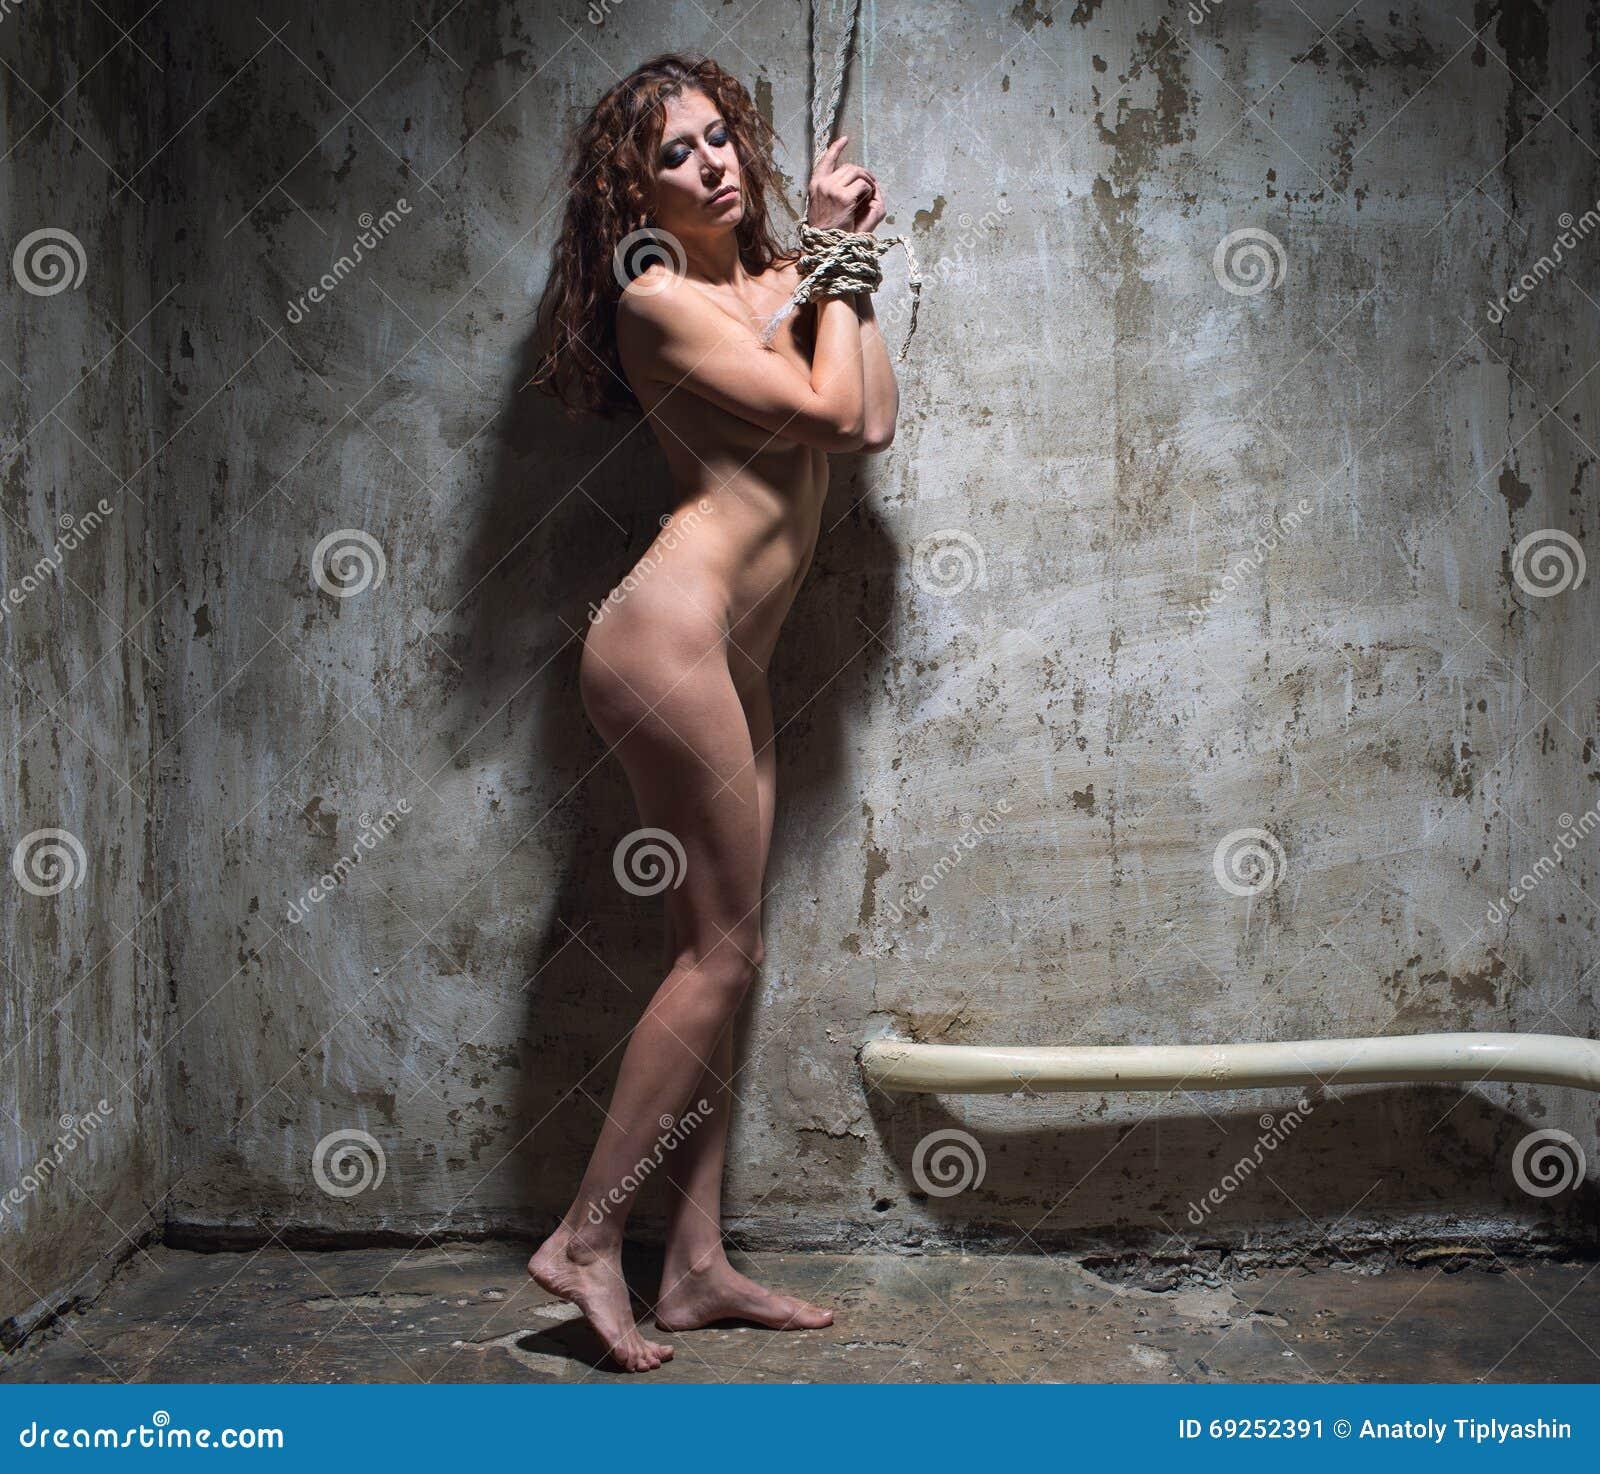 Mujer Pelirroja Desnuda Atada Con Una Cuerda Imagen De Archivo